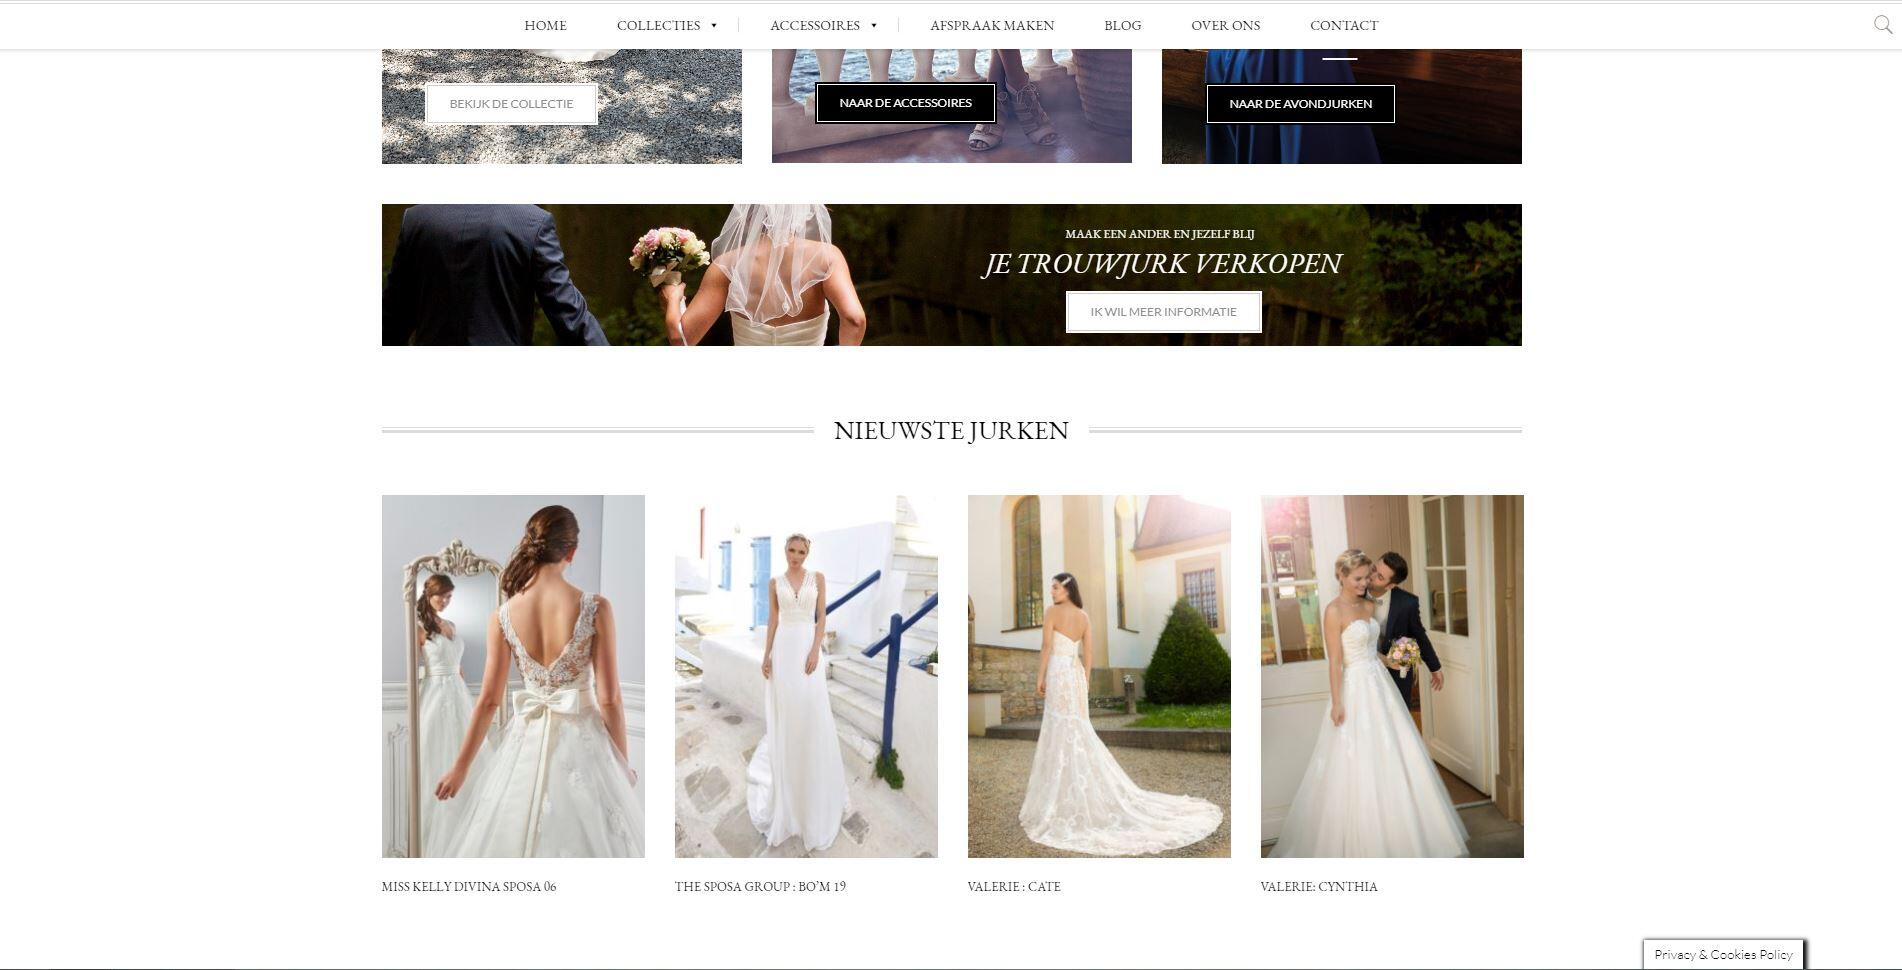 website laten maken voor een bruidsmode winkel